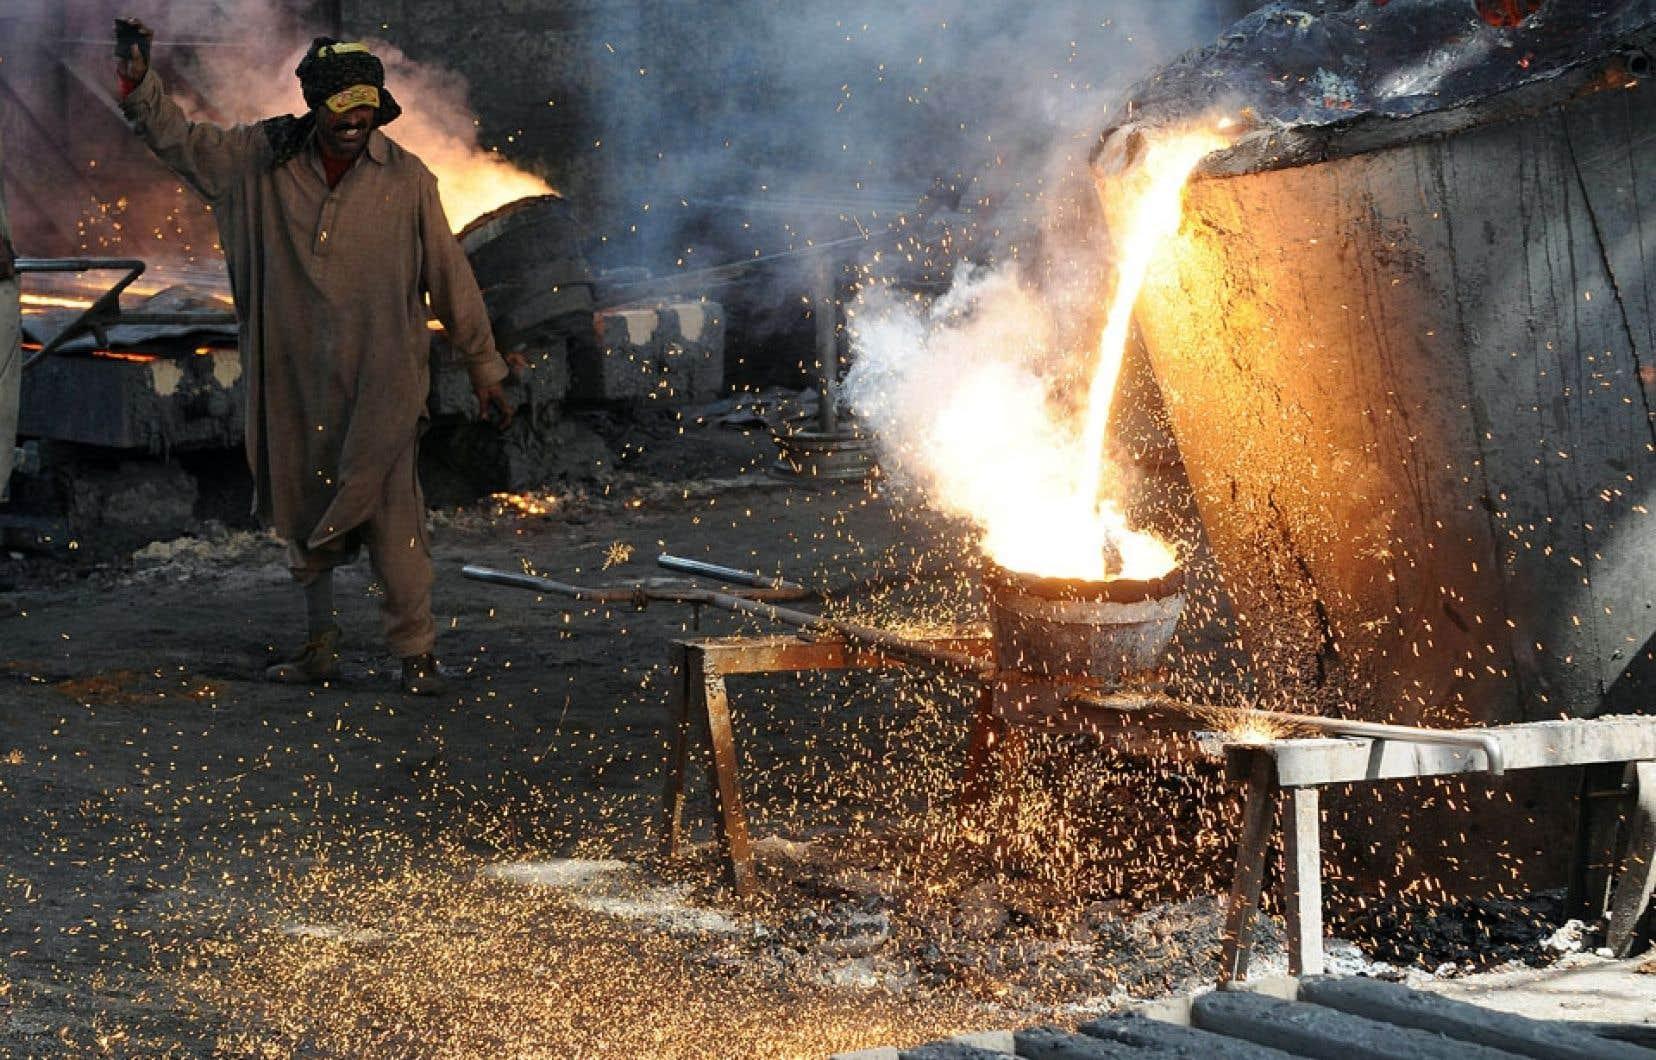 Il y a des droits et des principes fondamentaux du travail qui doivent être respectés en matière d'approvisionnement.